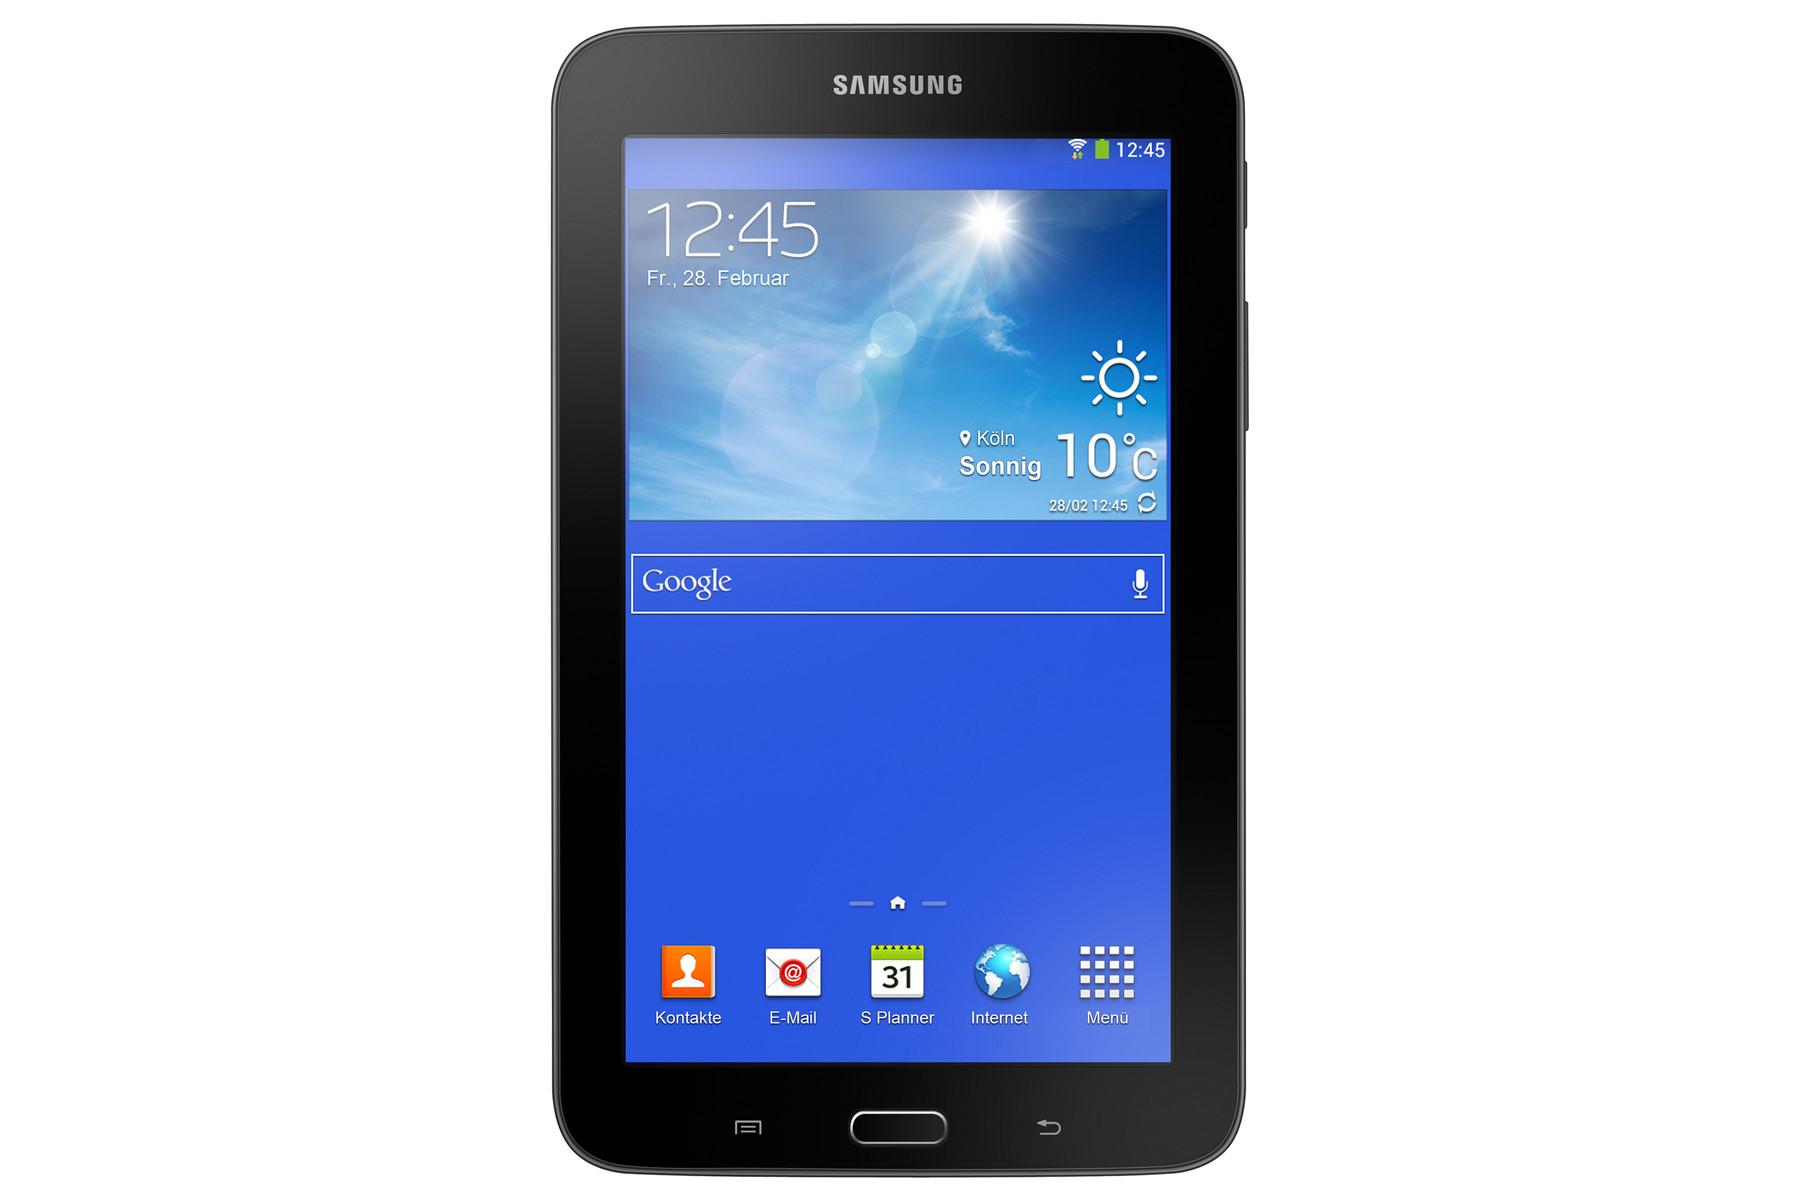 Samsung P3200 Galaxy Tab 3 7.0